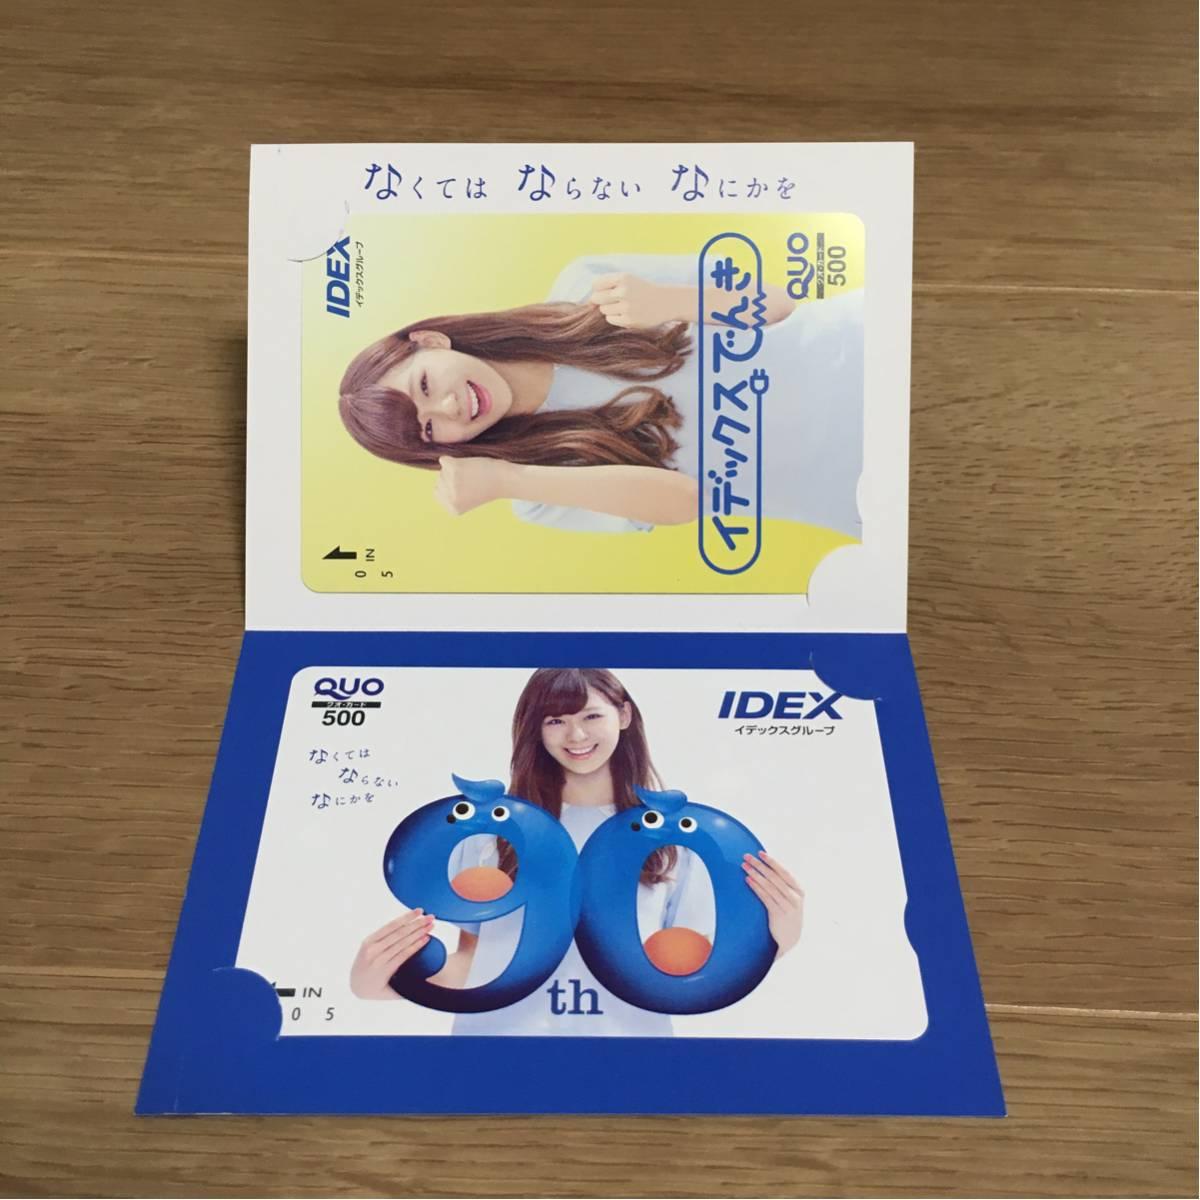 希少 未使用 西内まりや イデックス 90周年記念 クオカード QUOカード 2枚 グッズの画像